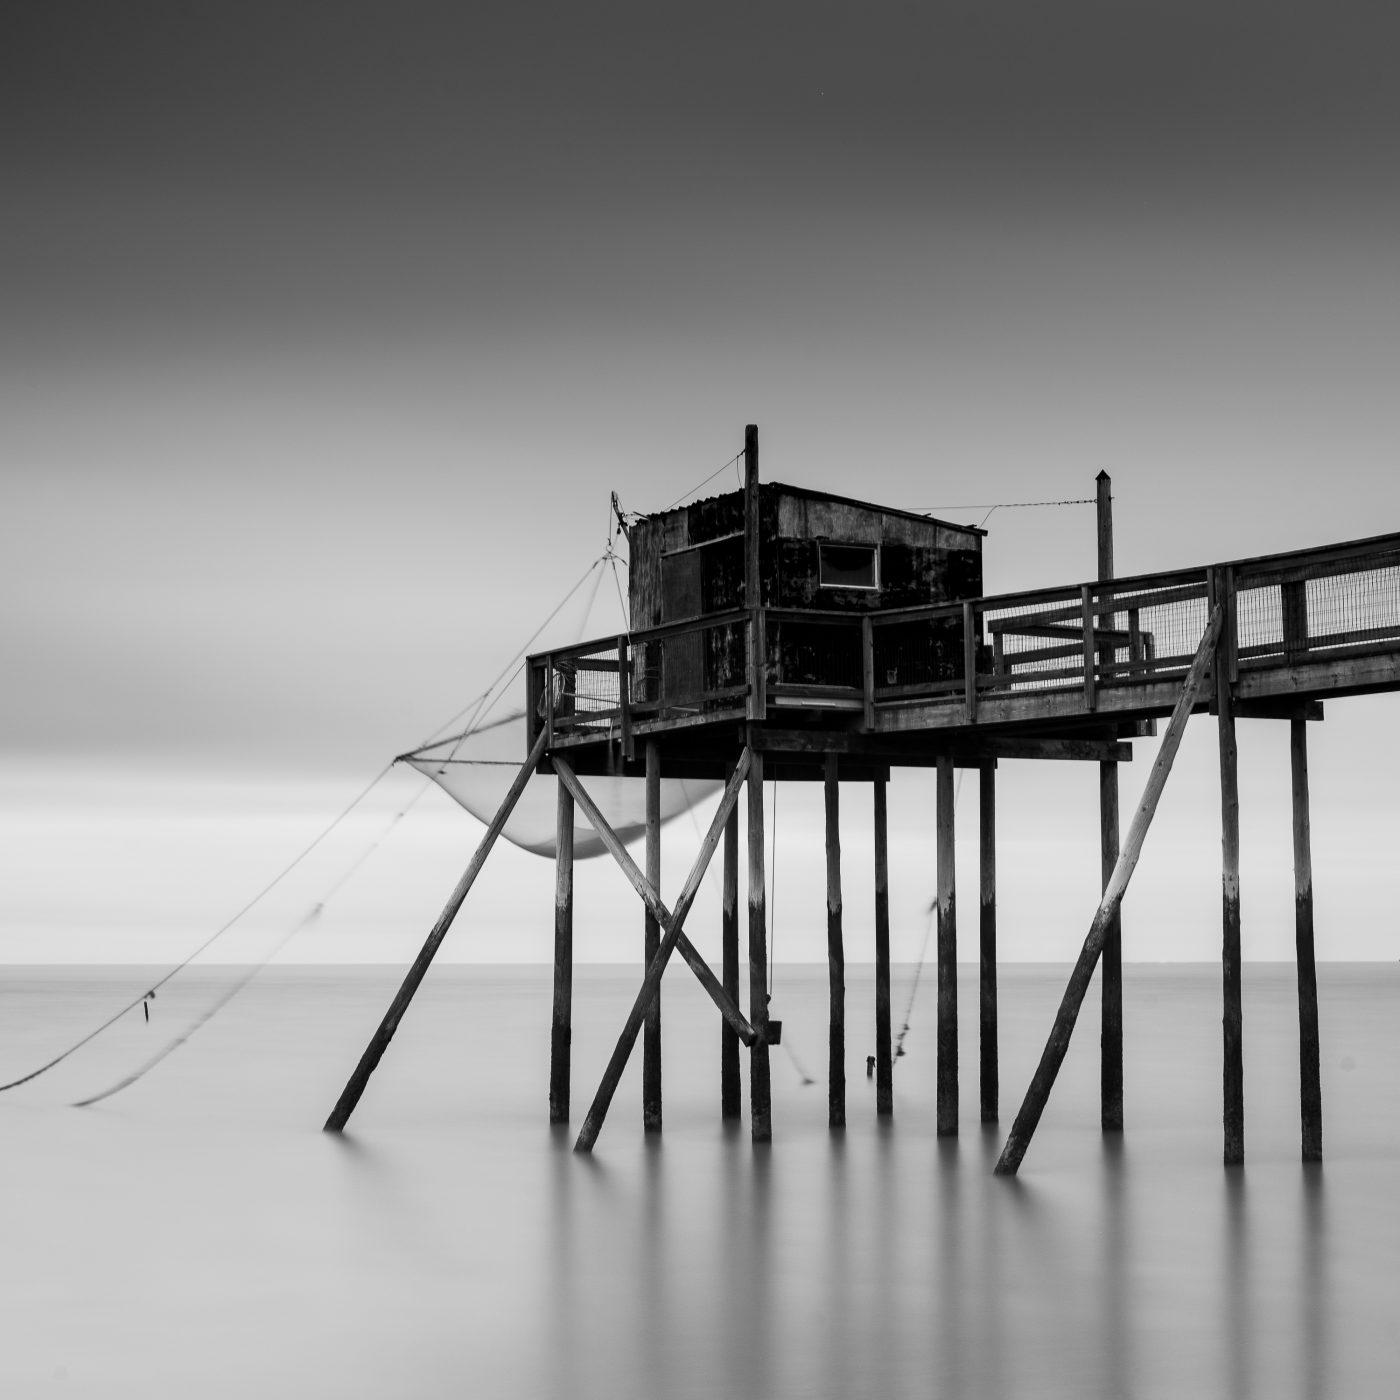 JULIEN-COOMANS-Fishing Hut 2